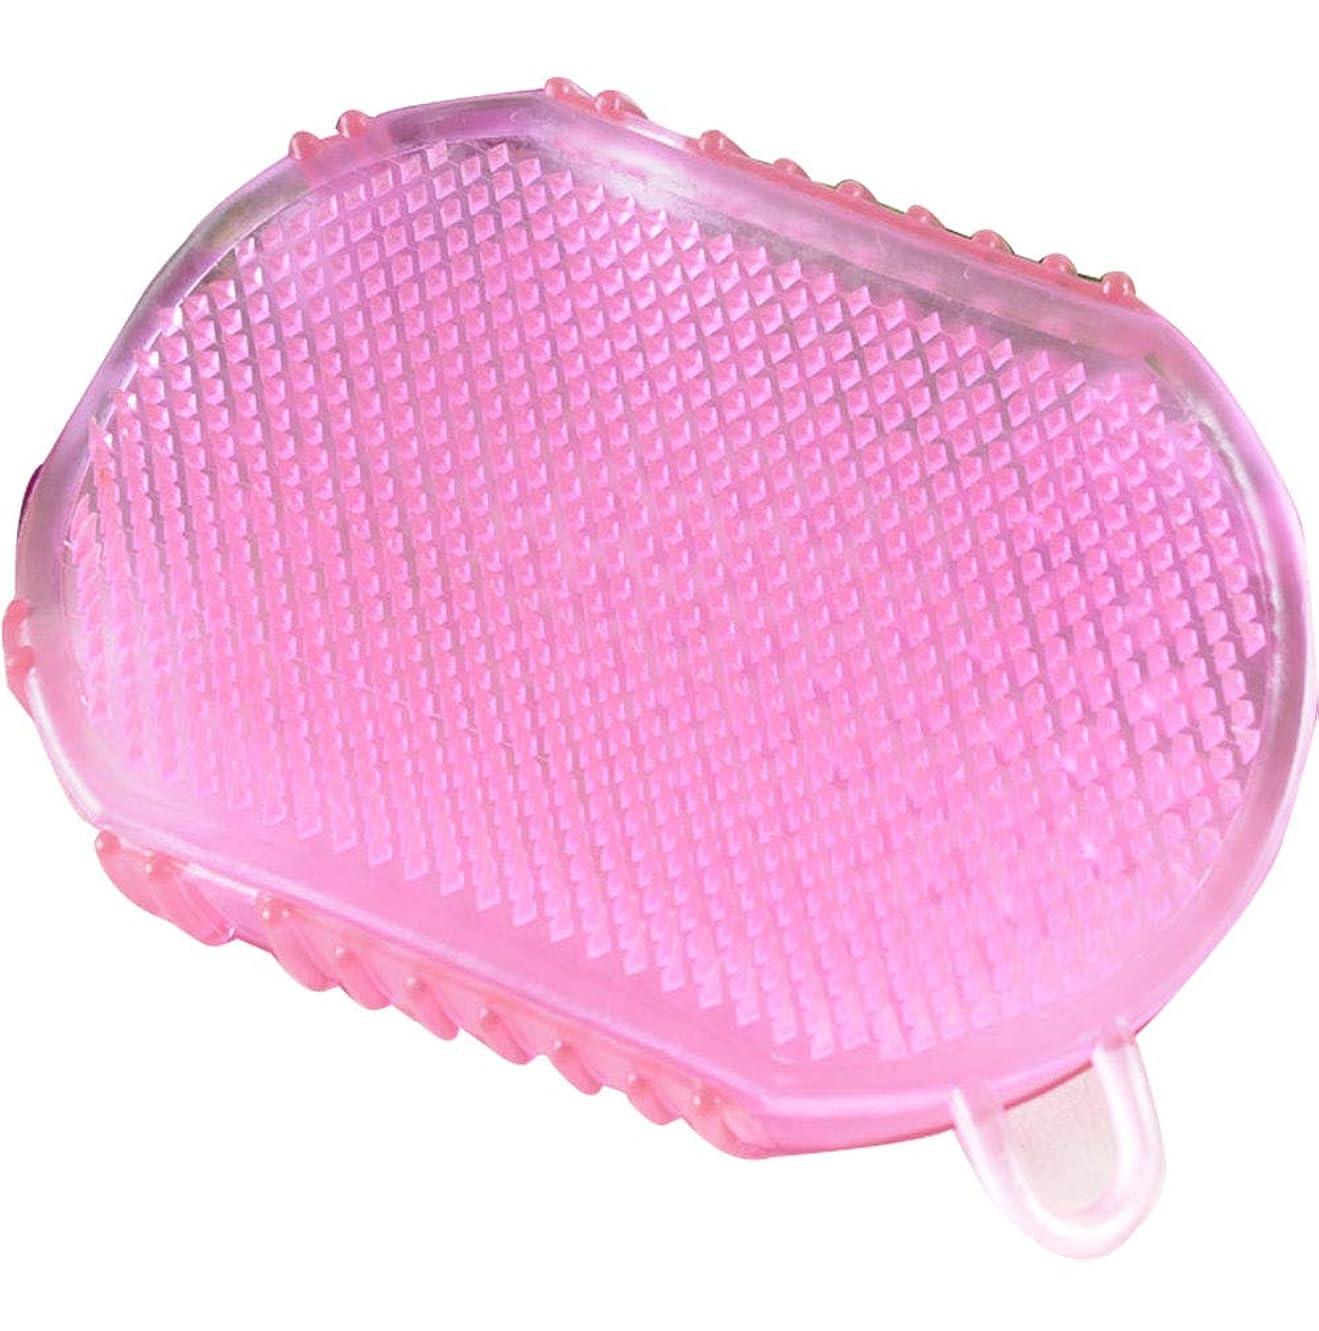 相談講師広告する1Pcs Soft Silicone Massage Scrub Gloves For Peeling Body Bath Brush Exfoliating Gloves Footbrush for the Bath Body Brush